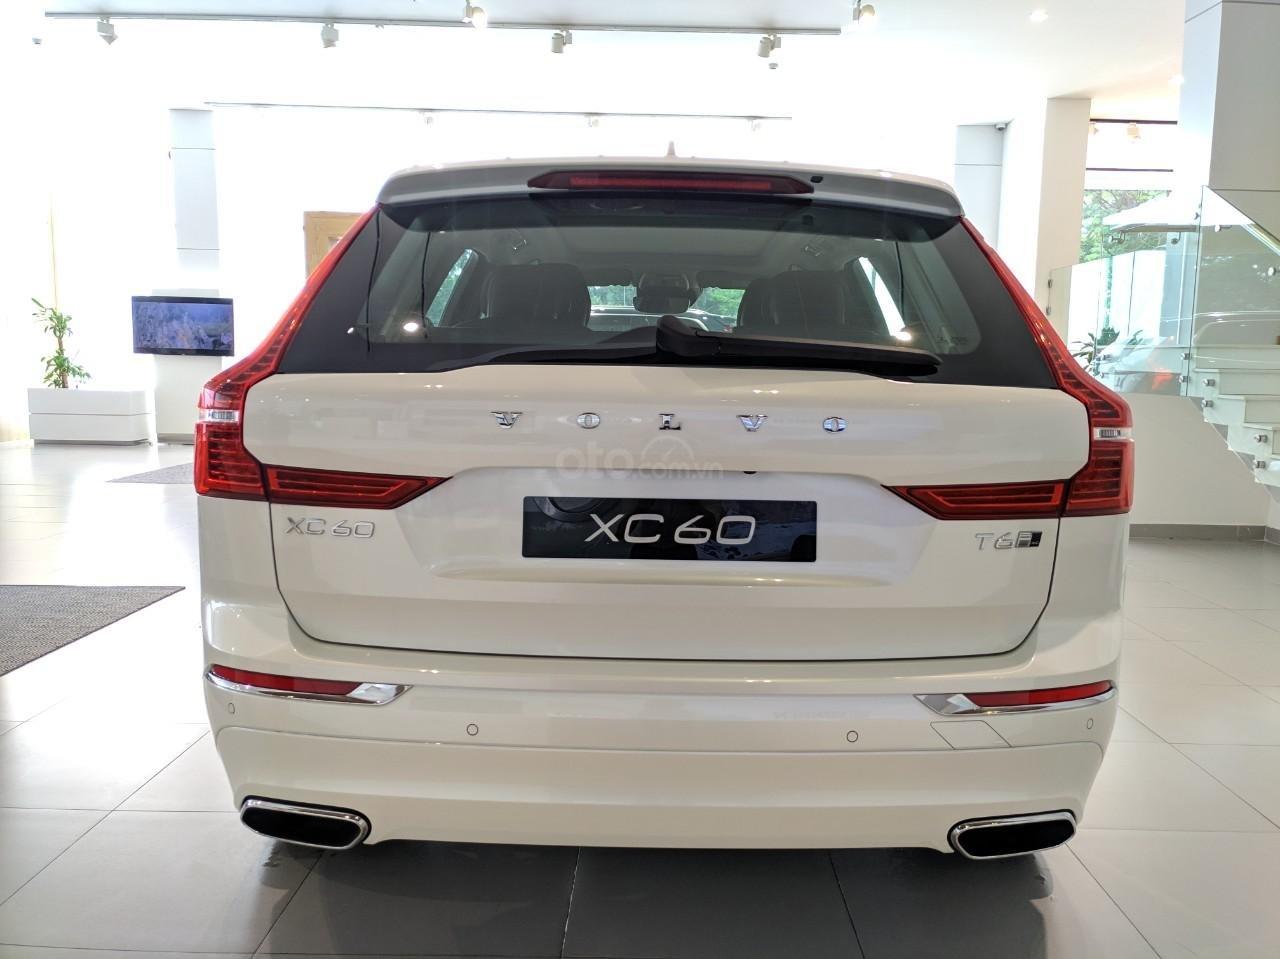 Bán xe Volvo XC60 nhập khẩu chính hãng, full option  (2)